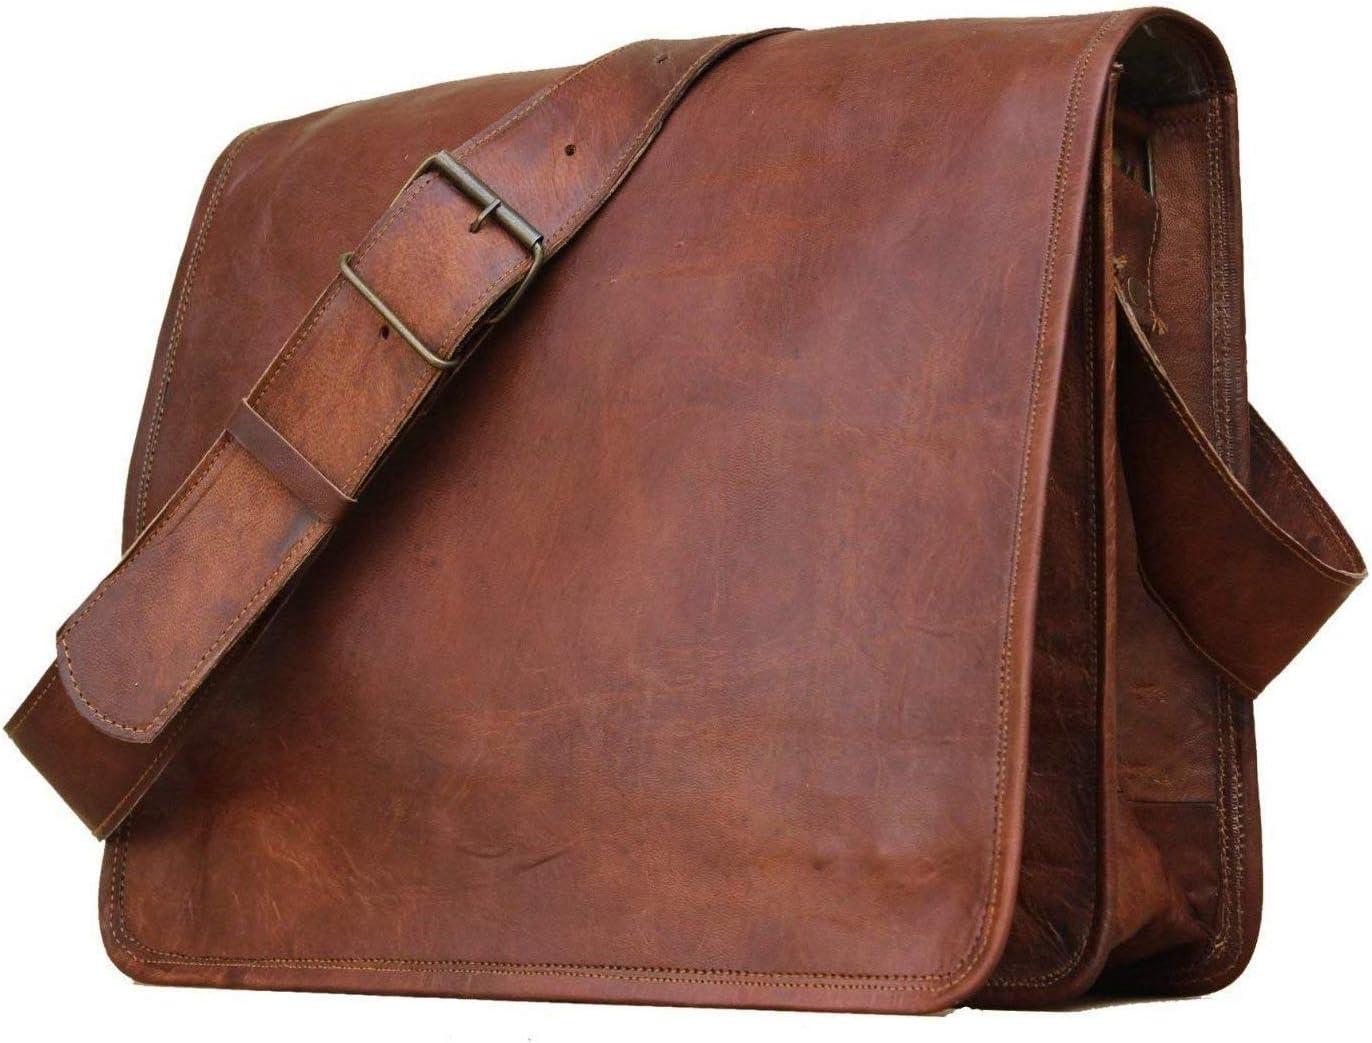 Bolso maletín de Cuero Bolsa de Hombro Universidad Colegio Trabajo de Negocios Bolsa Genuina (16X12X4)